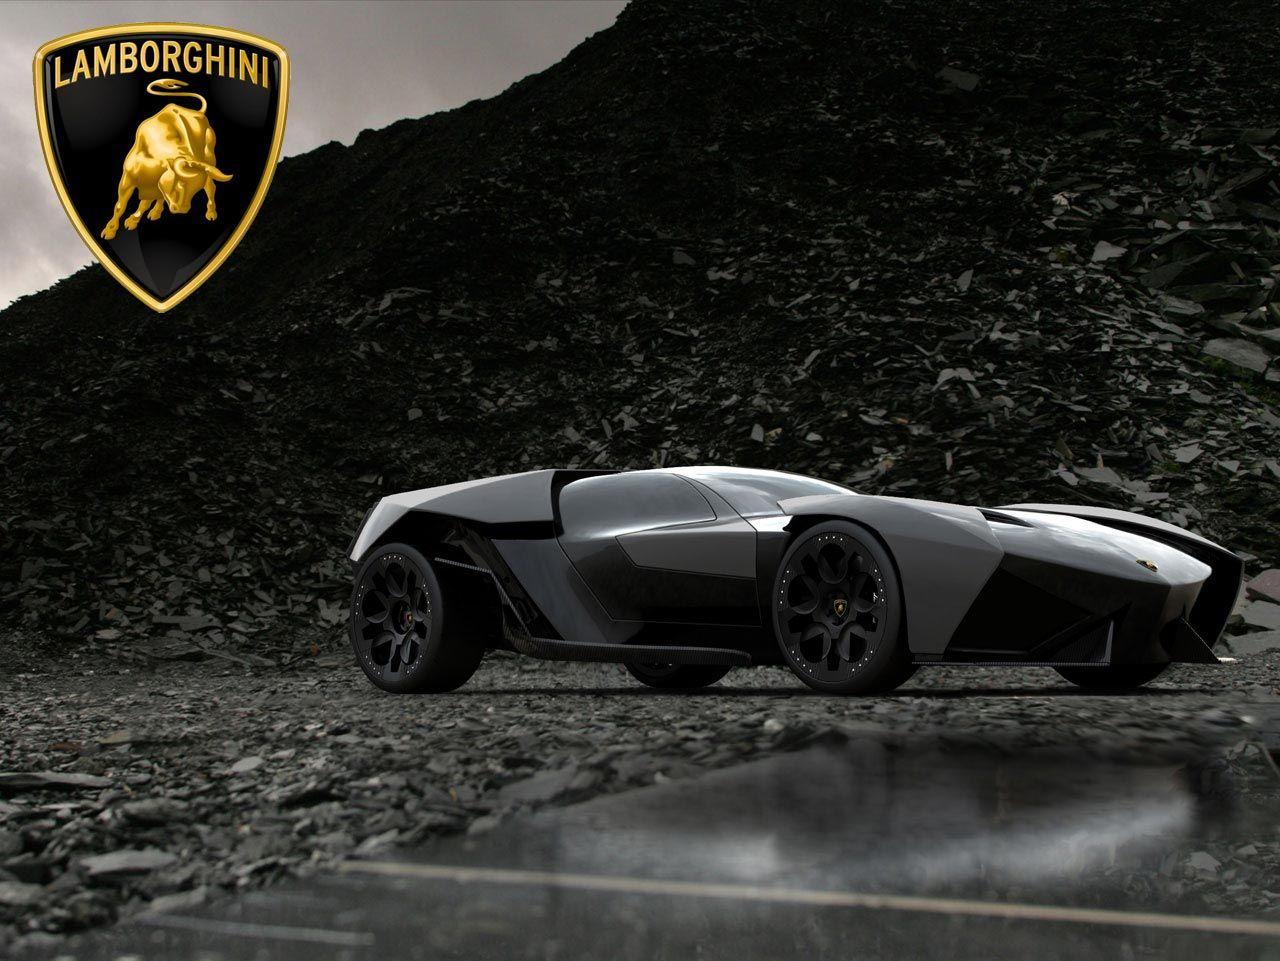 Lamborghini ankonian concept interior lamborghini - The Lamborghini Ankonian Concept By Slavche Tanevski Photo Slavche Tanevski Via Yanko Design